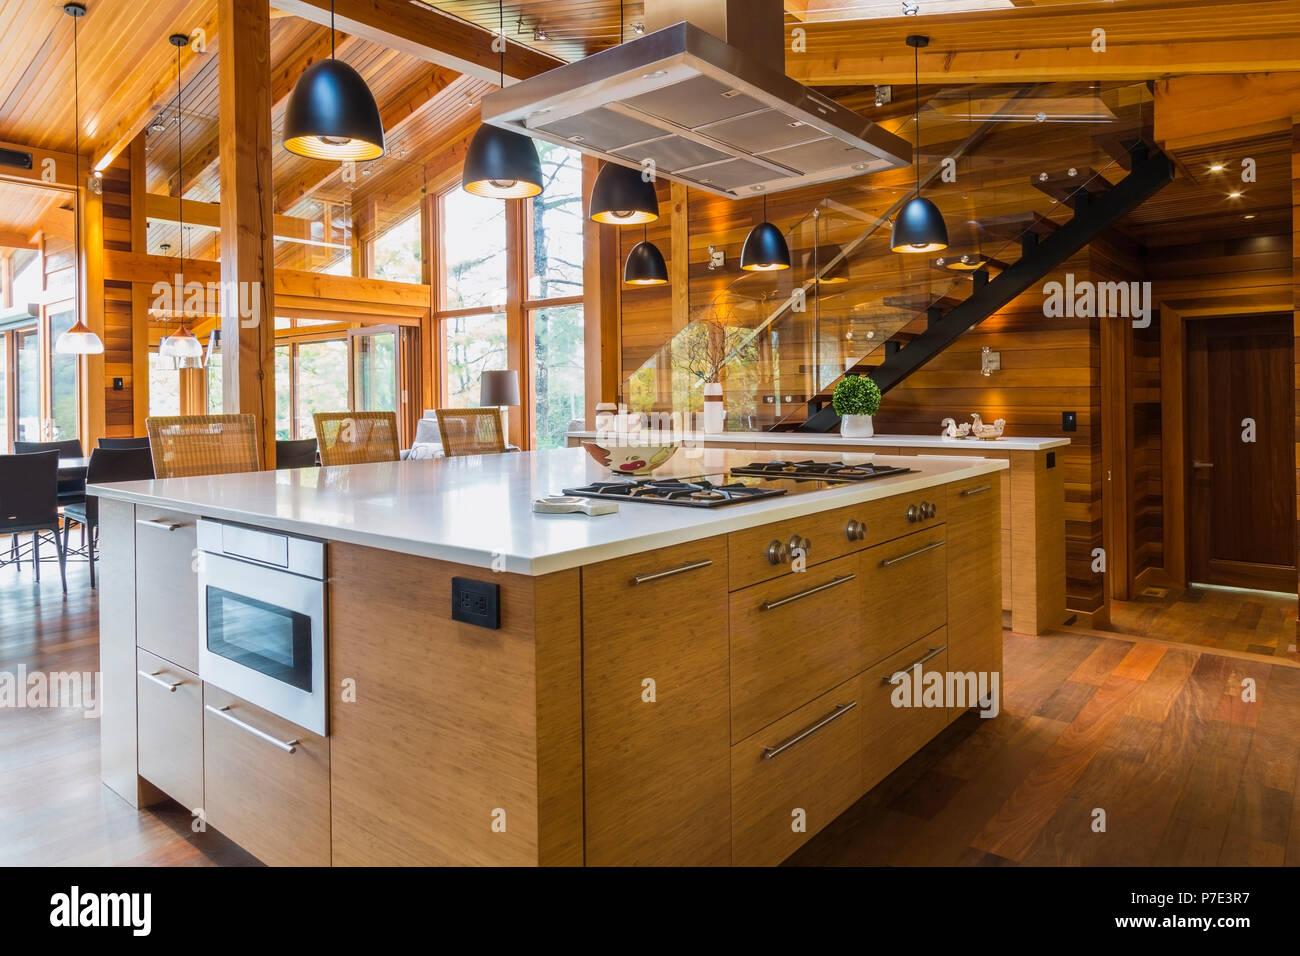 Bambus Holz Kuche Insel Mit Weissen Quarz Arbeitsplatten Luxuriose